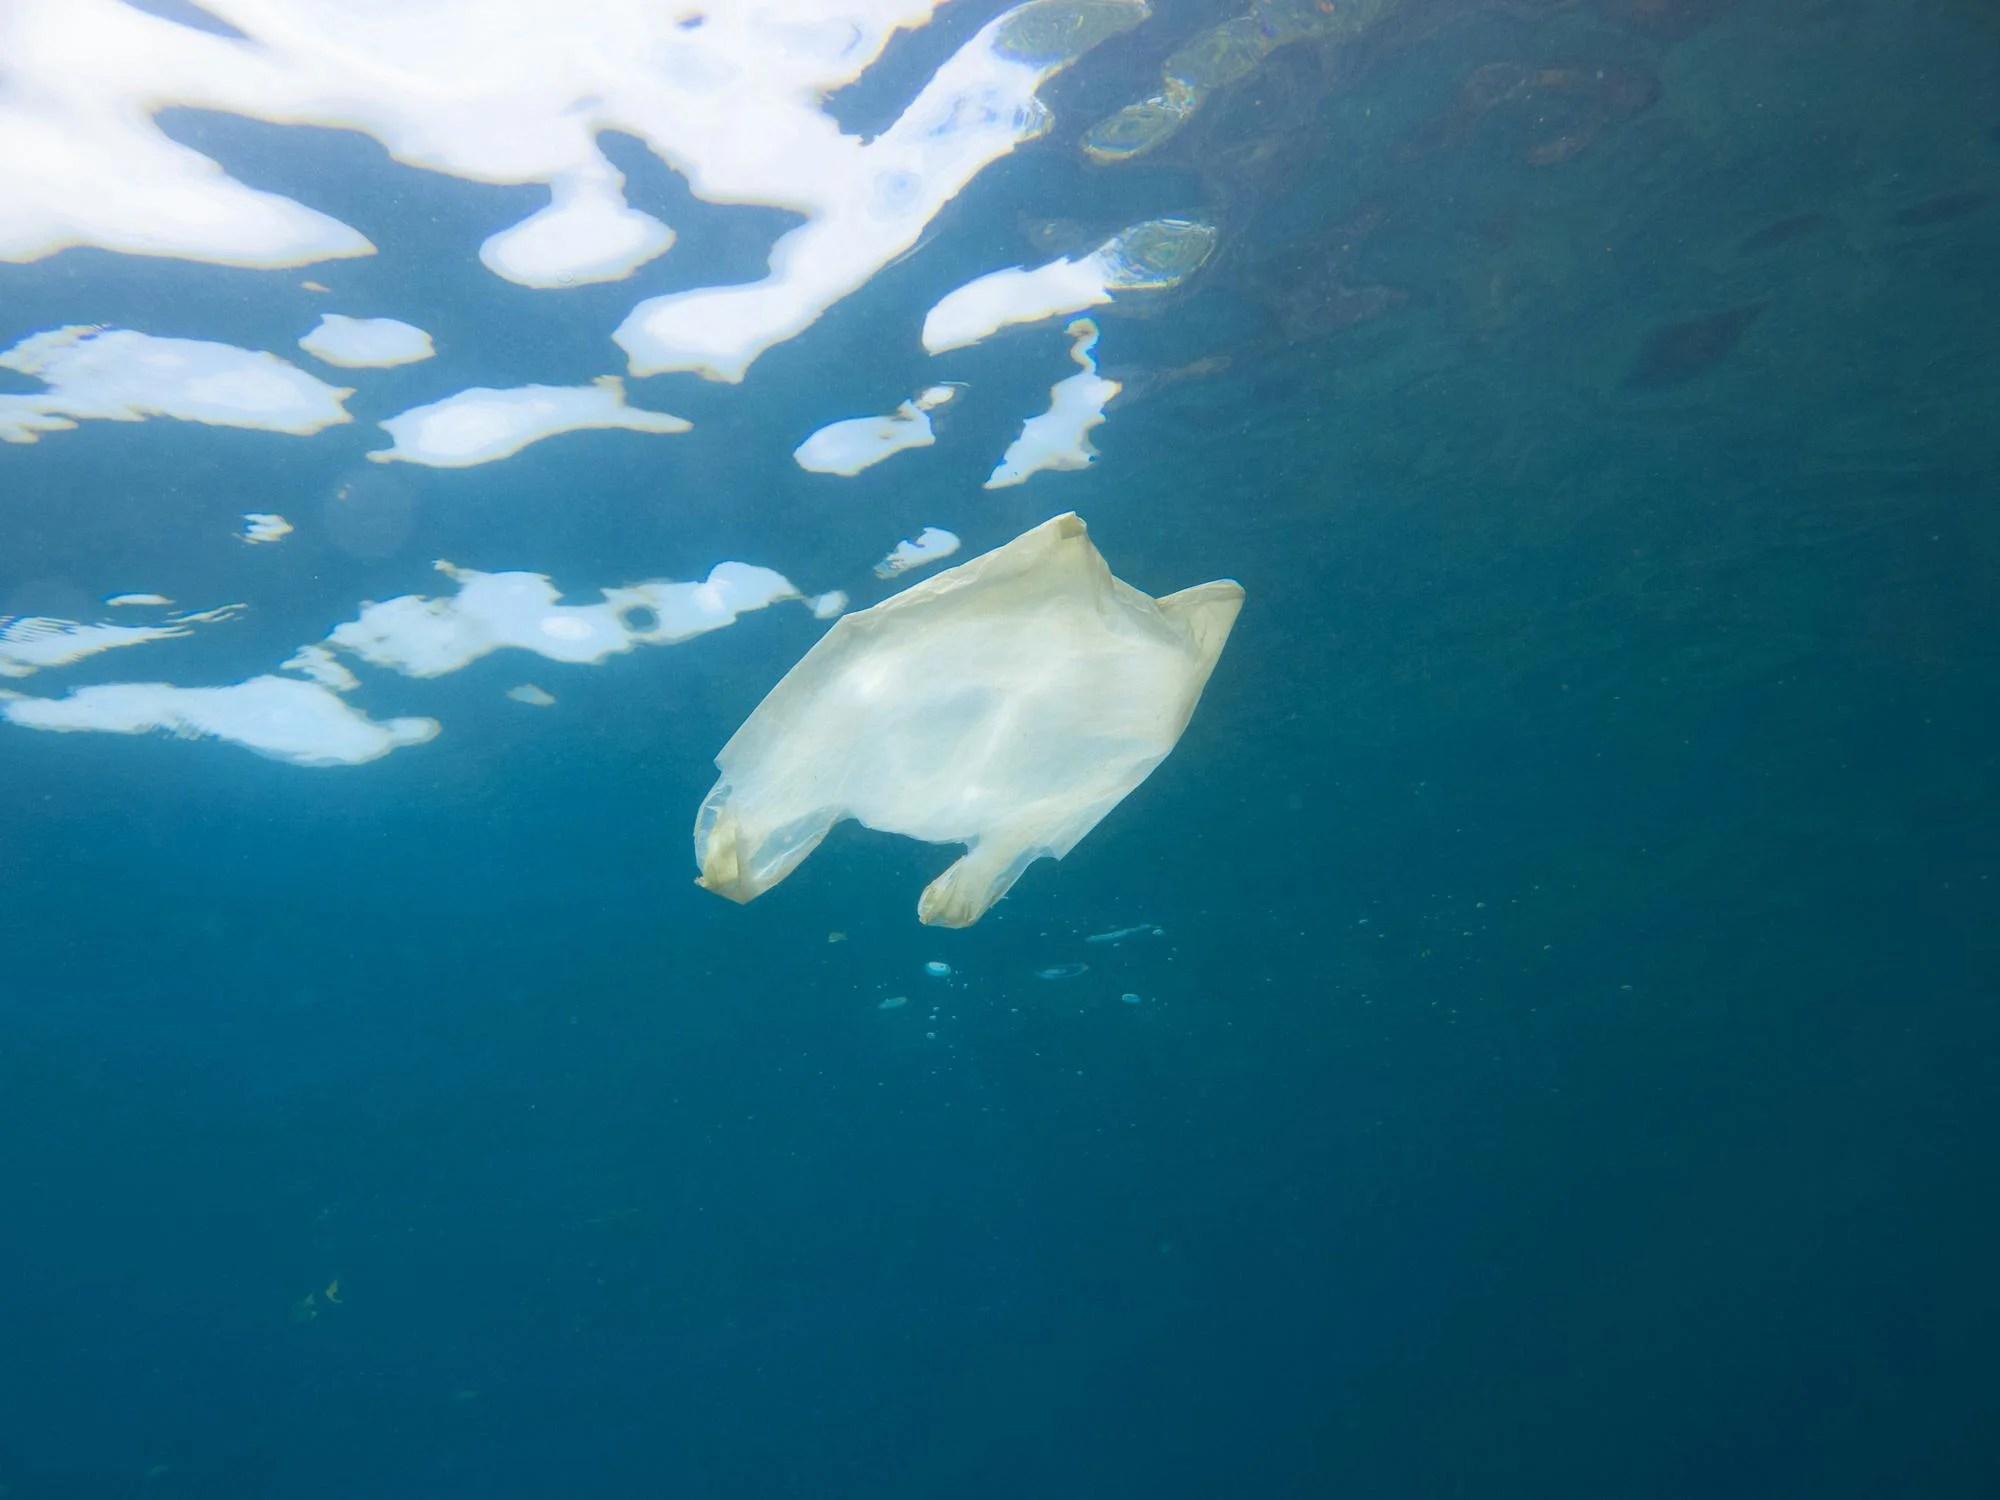 plastic bag among 3